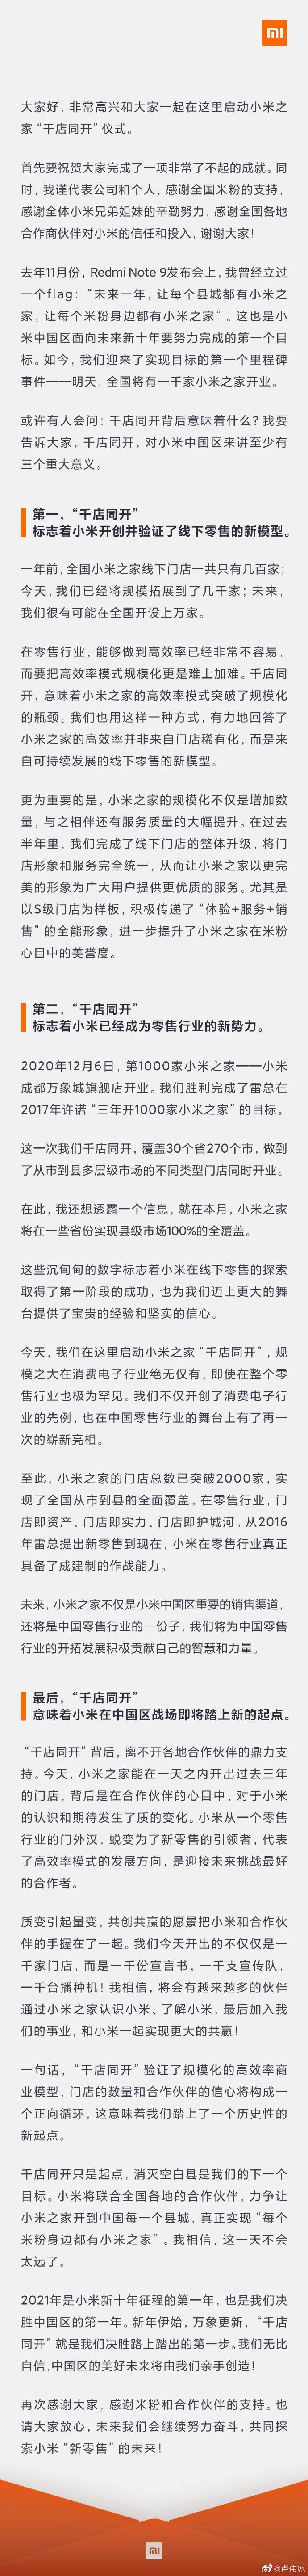 1003家小米之家在同时开业:刷新行业单日开店新纪录